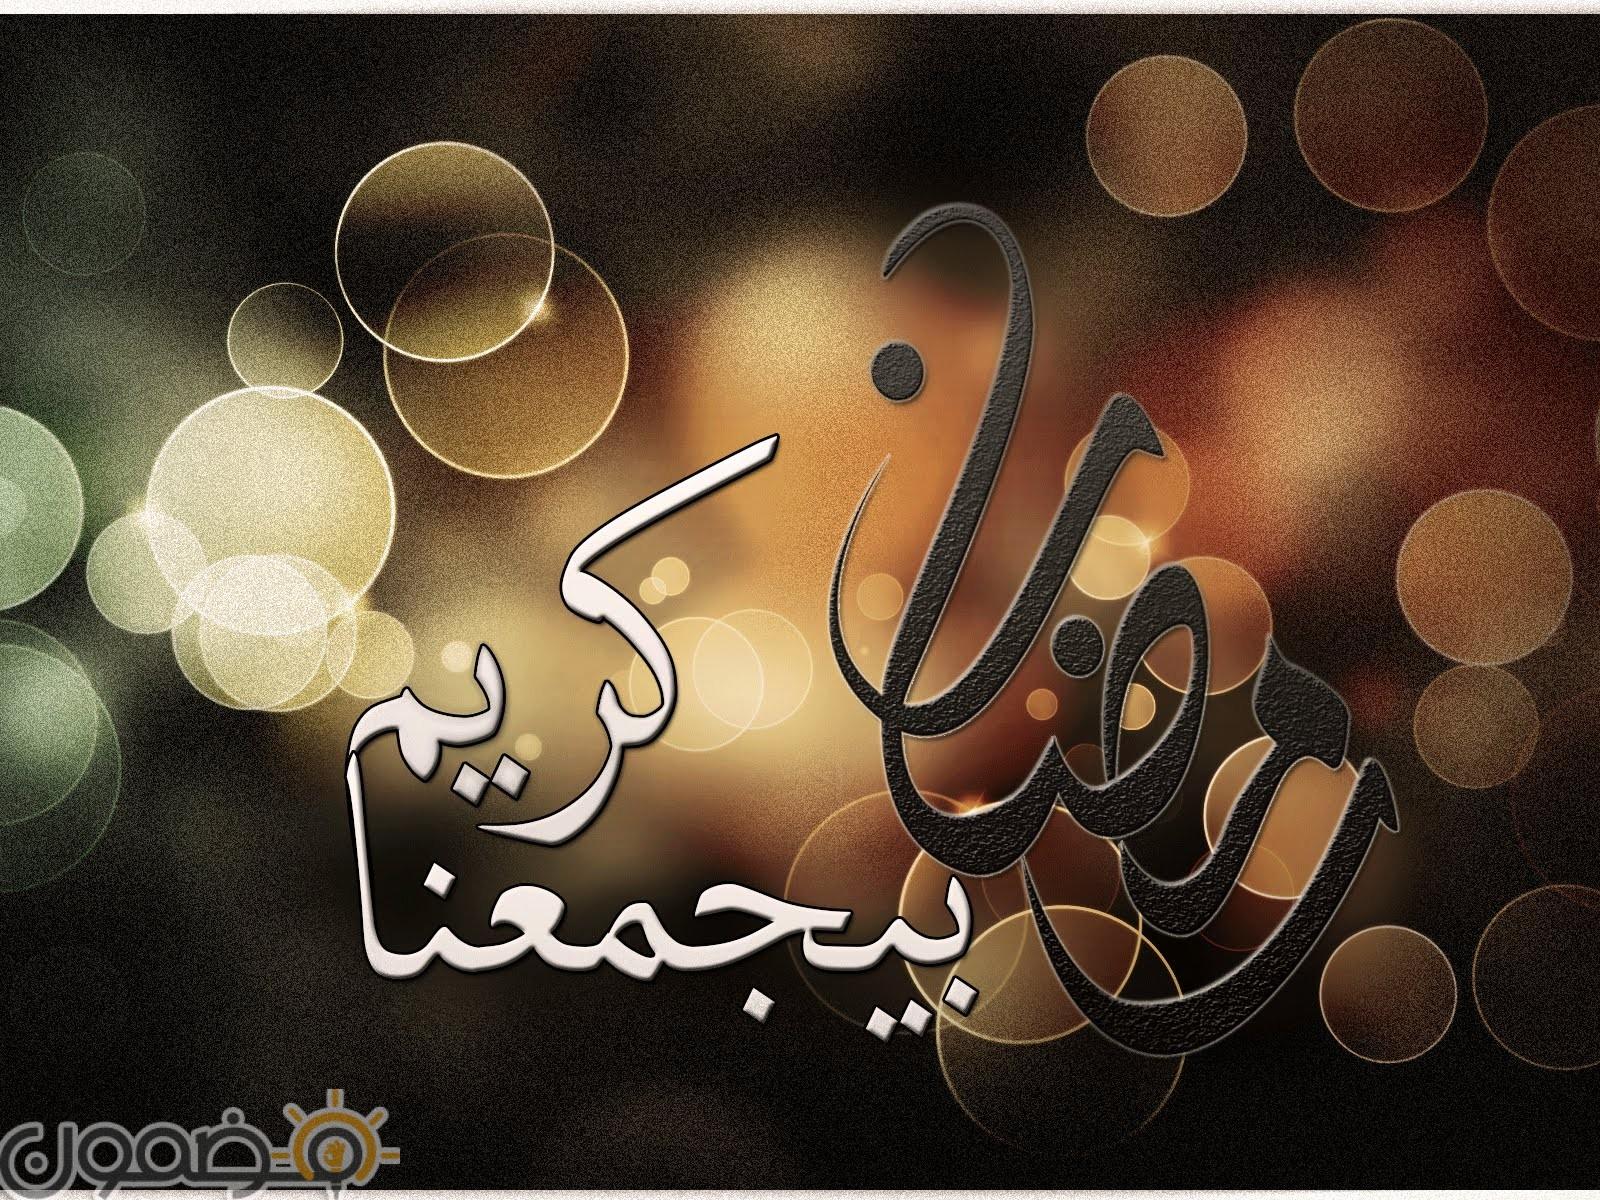 صور تغريدات رمضانيه 3 صور تغريدات رمضانيه تويتات رمضان لتويتر